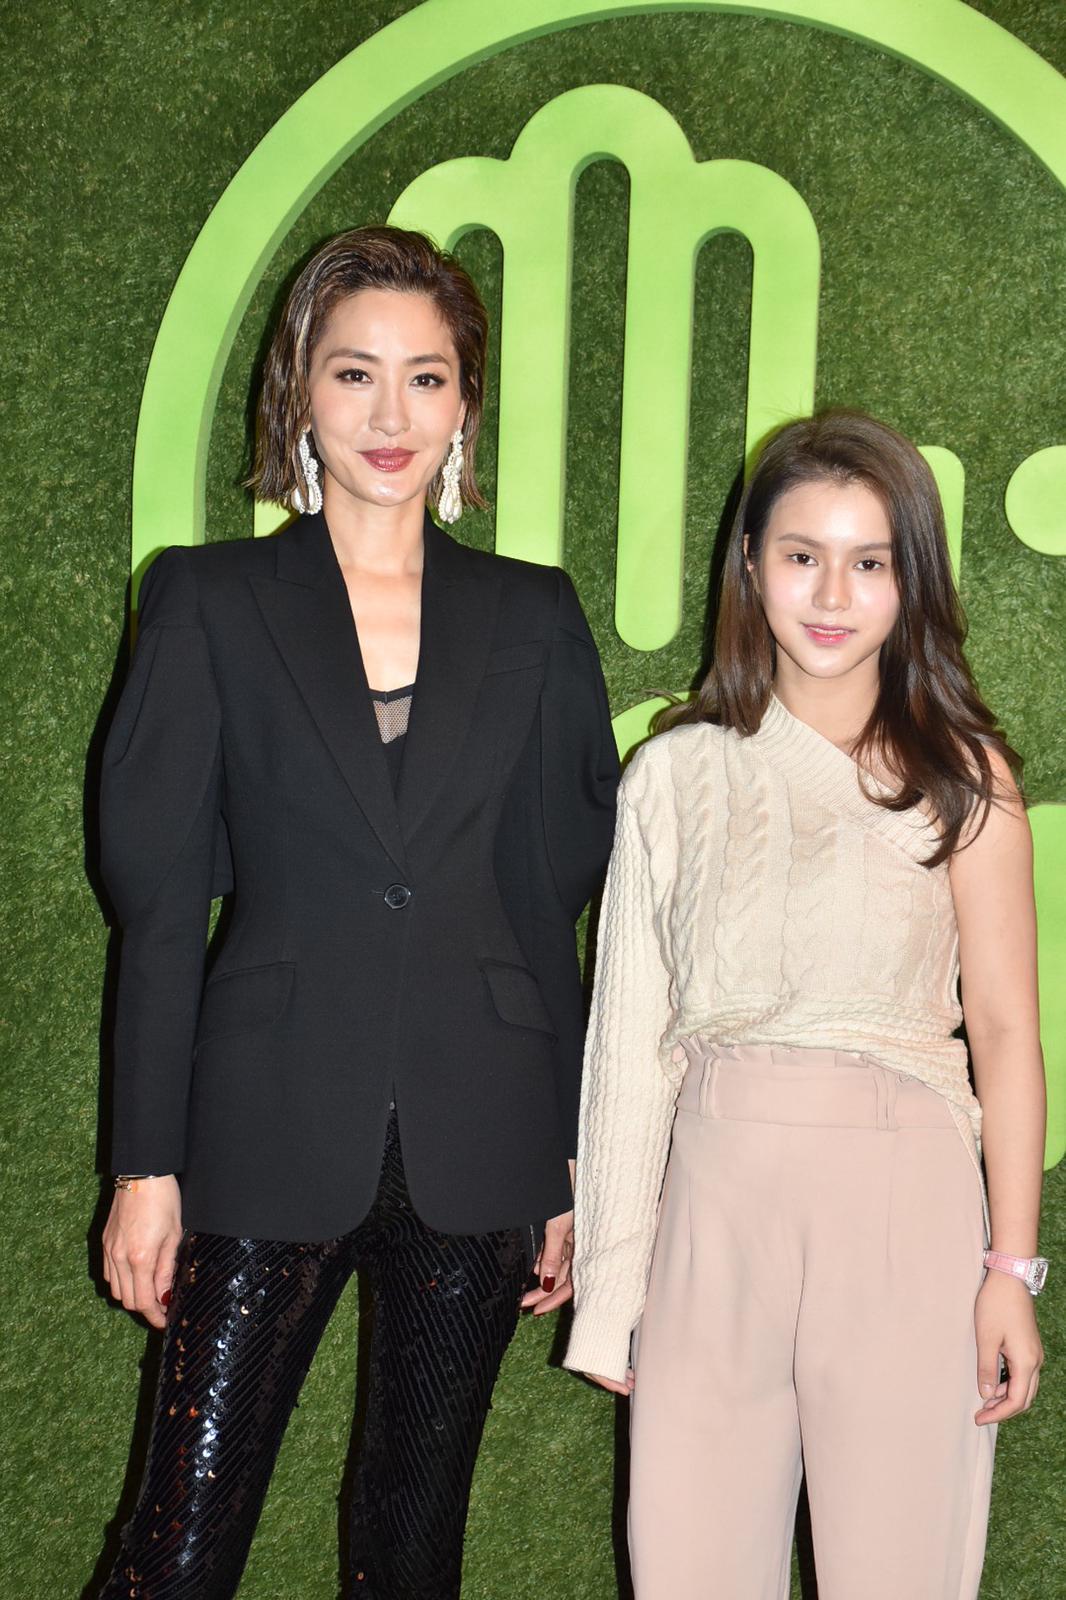 周汶錡和鄧月萍出席薩凡納藝術設計大學香港分校2019時裝展。